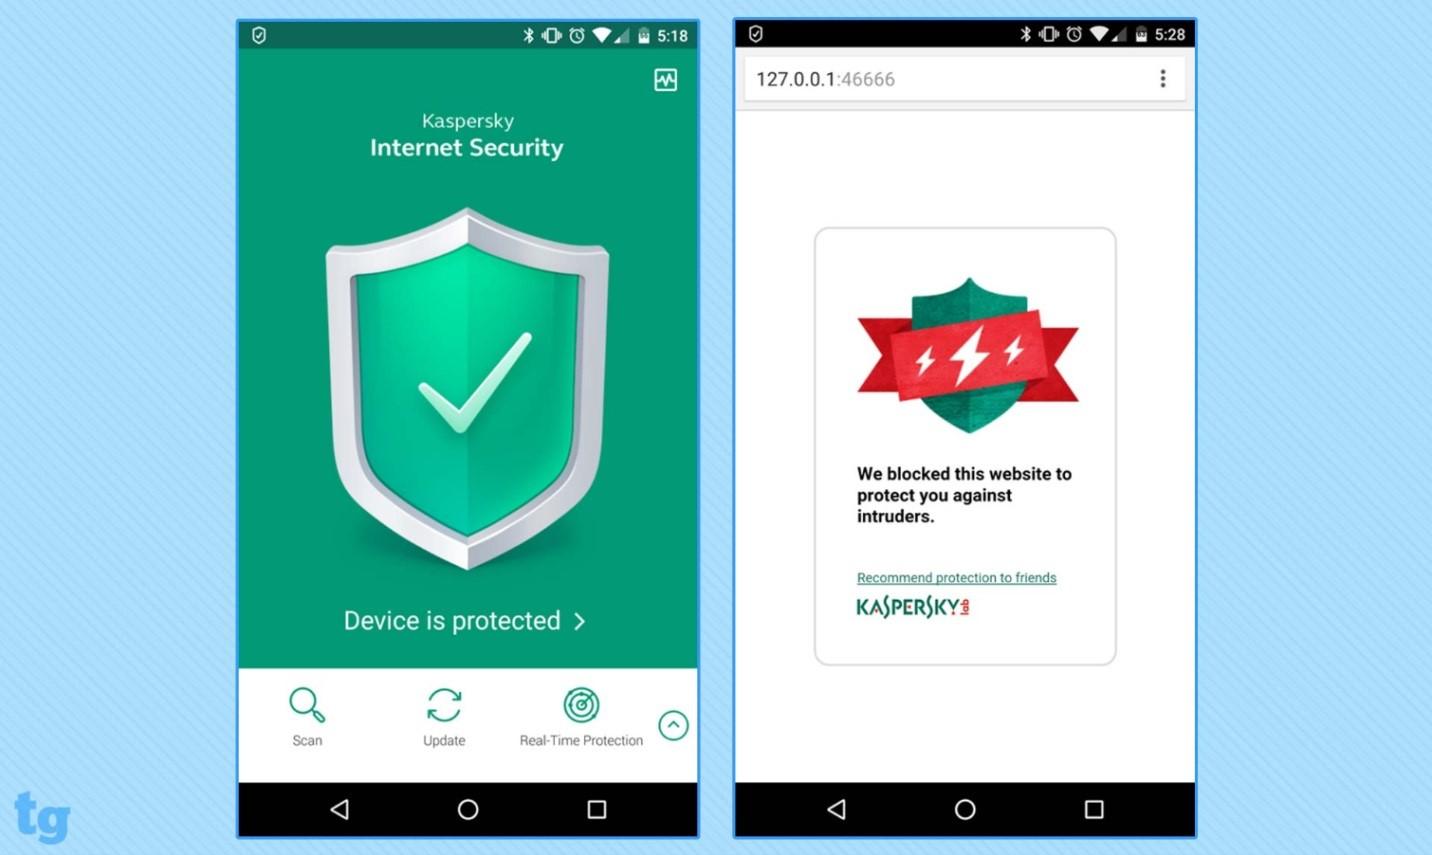 آنتی ویروس موبایل کسپراسکای اینترنت سکیوریتی- قسمت اول